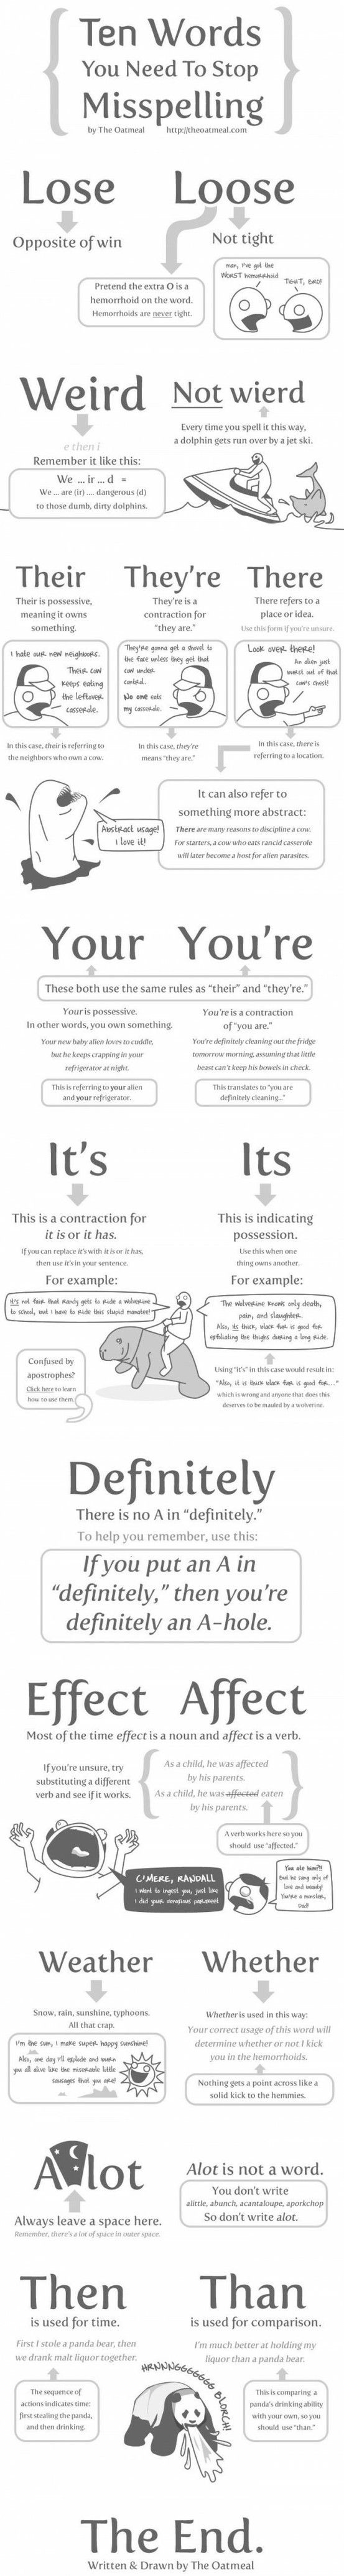 Proper Spelling Tips #Infographic -- Moms Bookshelf & More: